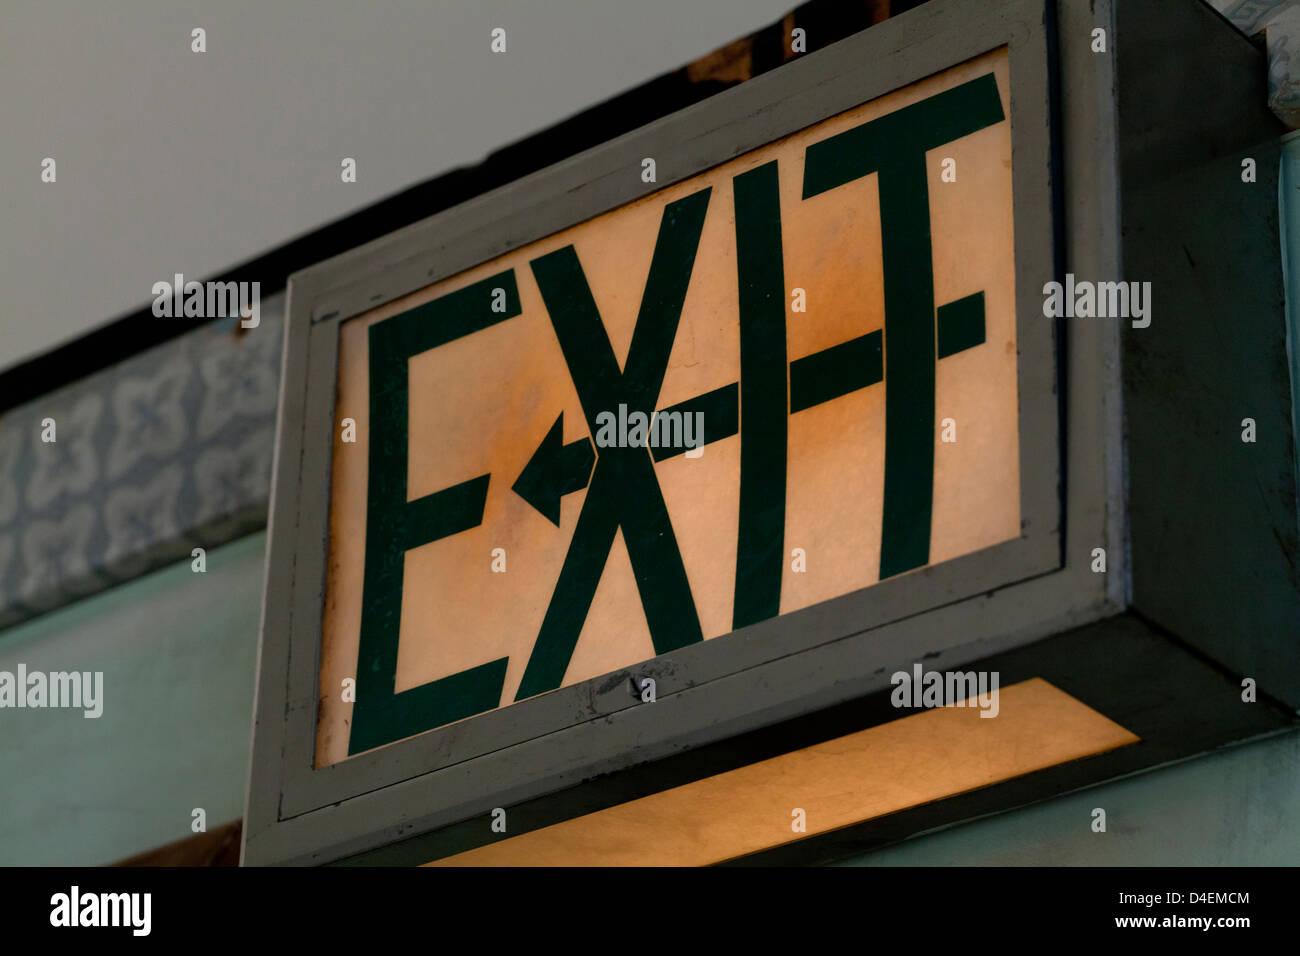 Señal de salida iluminada Vintage Imagen De Stock